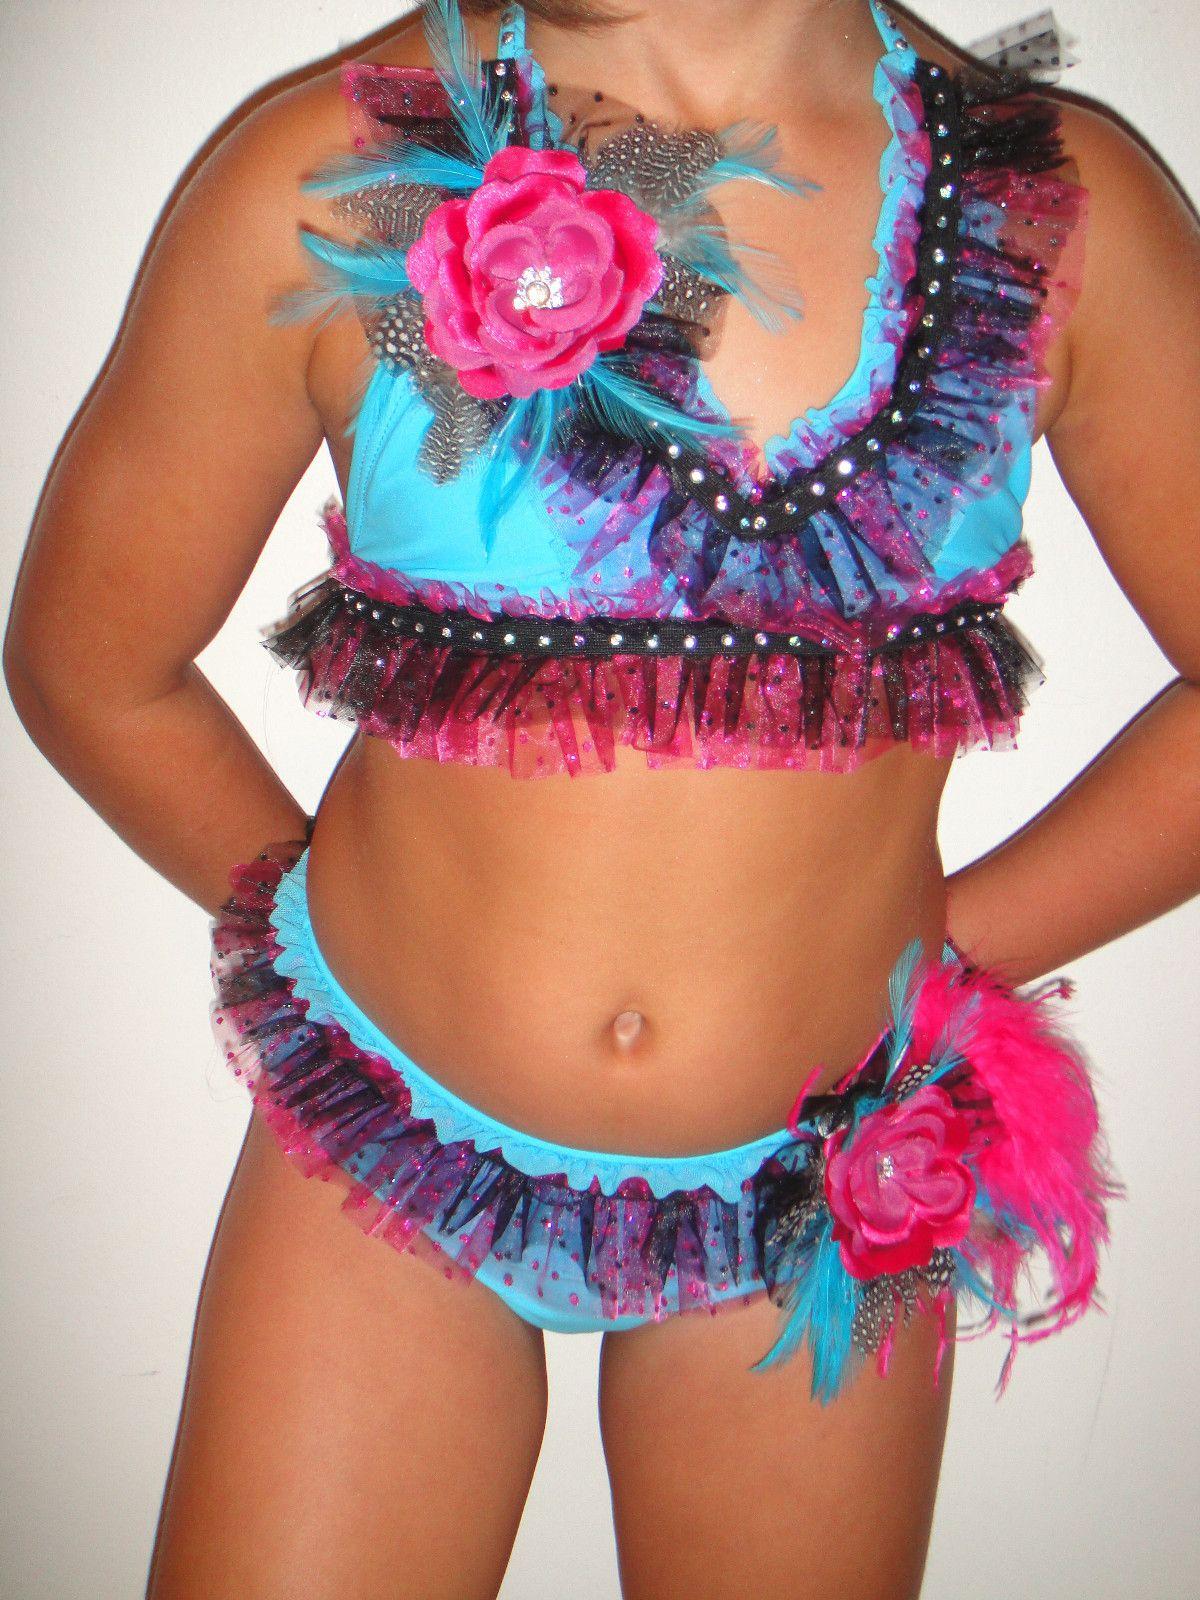 Pageant Swimwear | eBay | swim wear | Pinterest | More Pageant ...